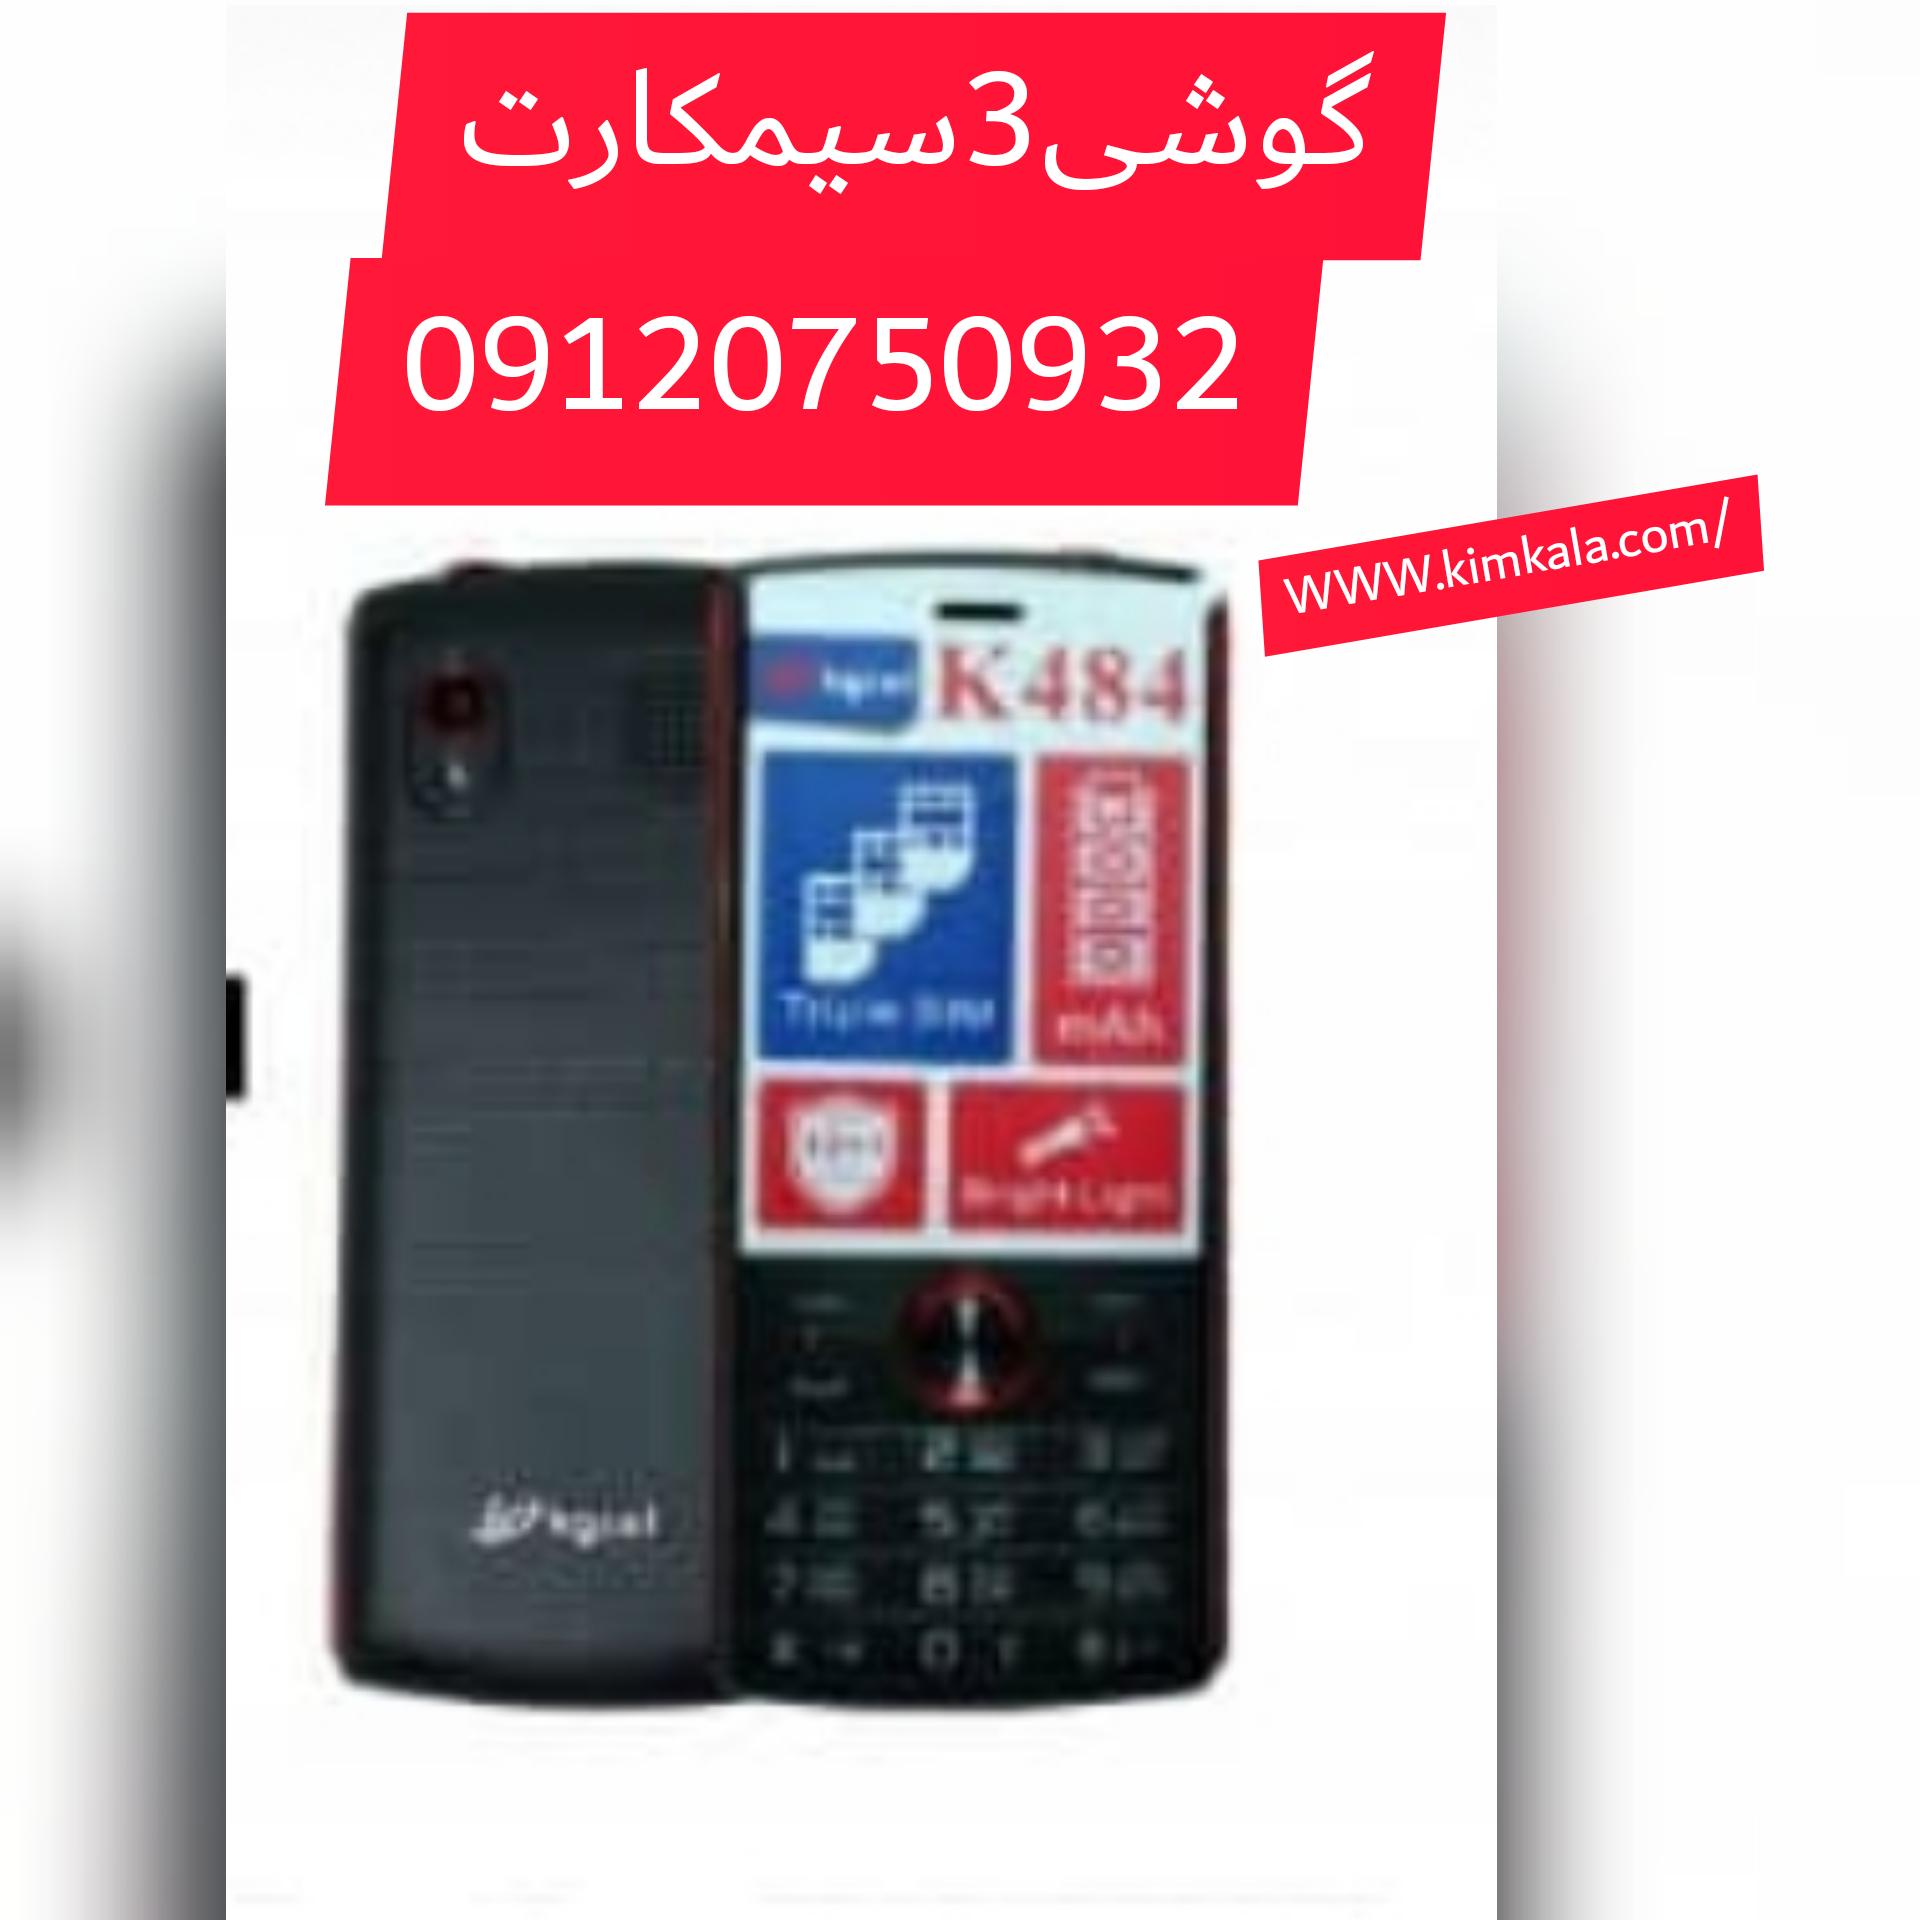 گوشی 3سیمکارت/09120750932/کارت حافظه16گیگابایت